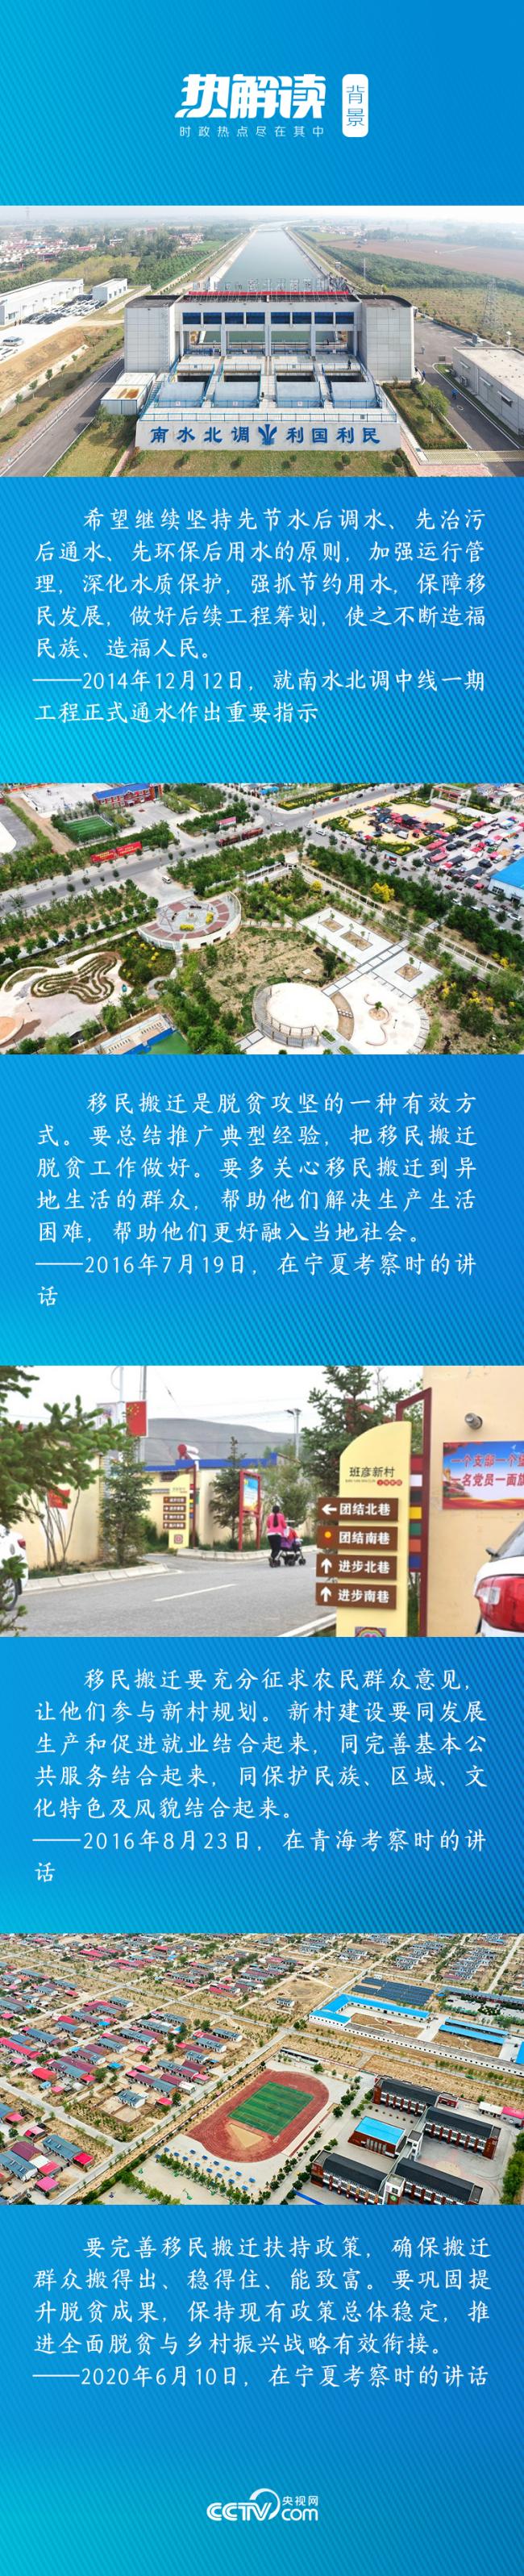 热解读|总书记为什么说这个新生的村庄蕴藏着伟大的精神?